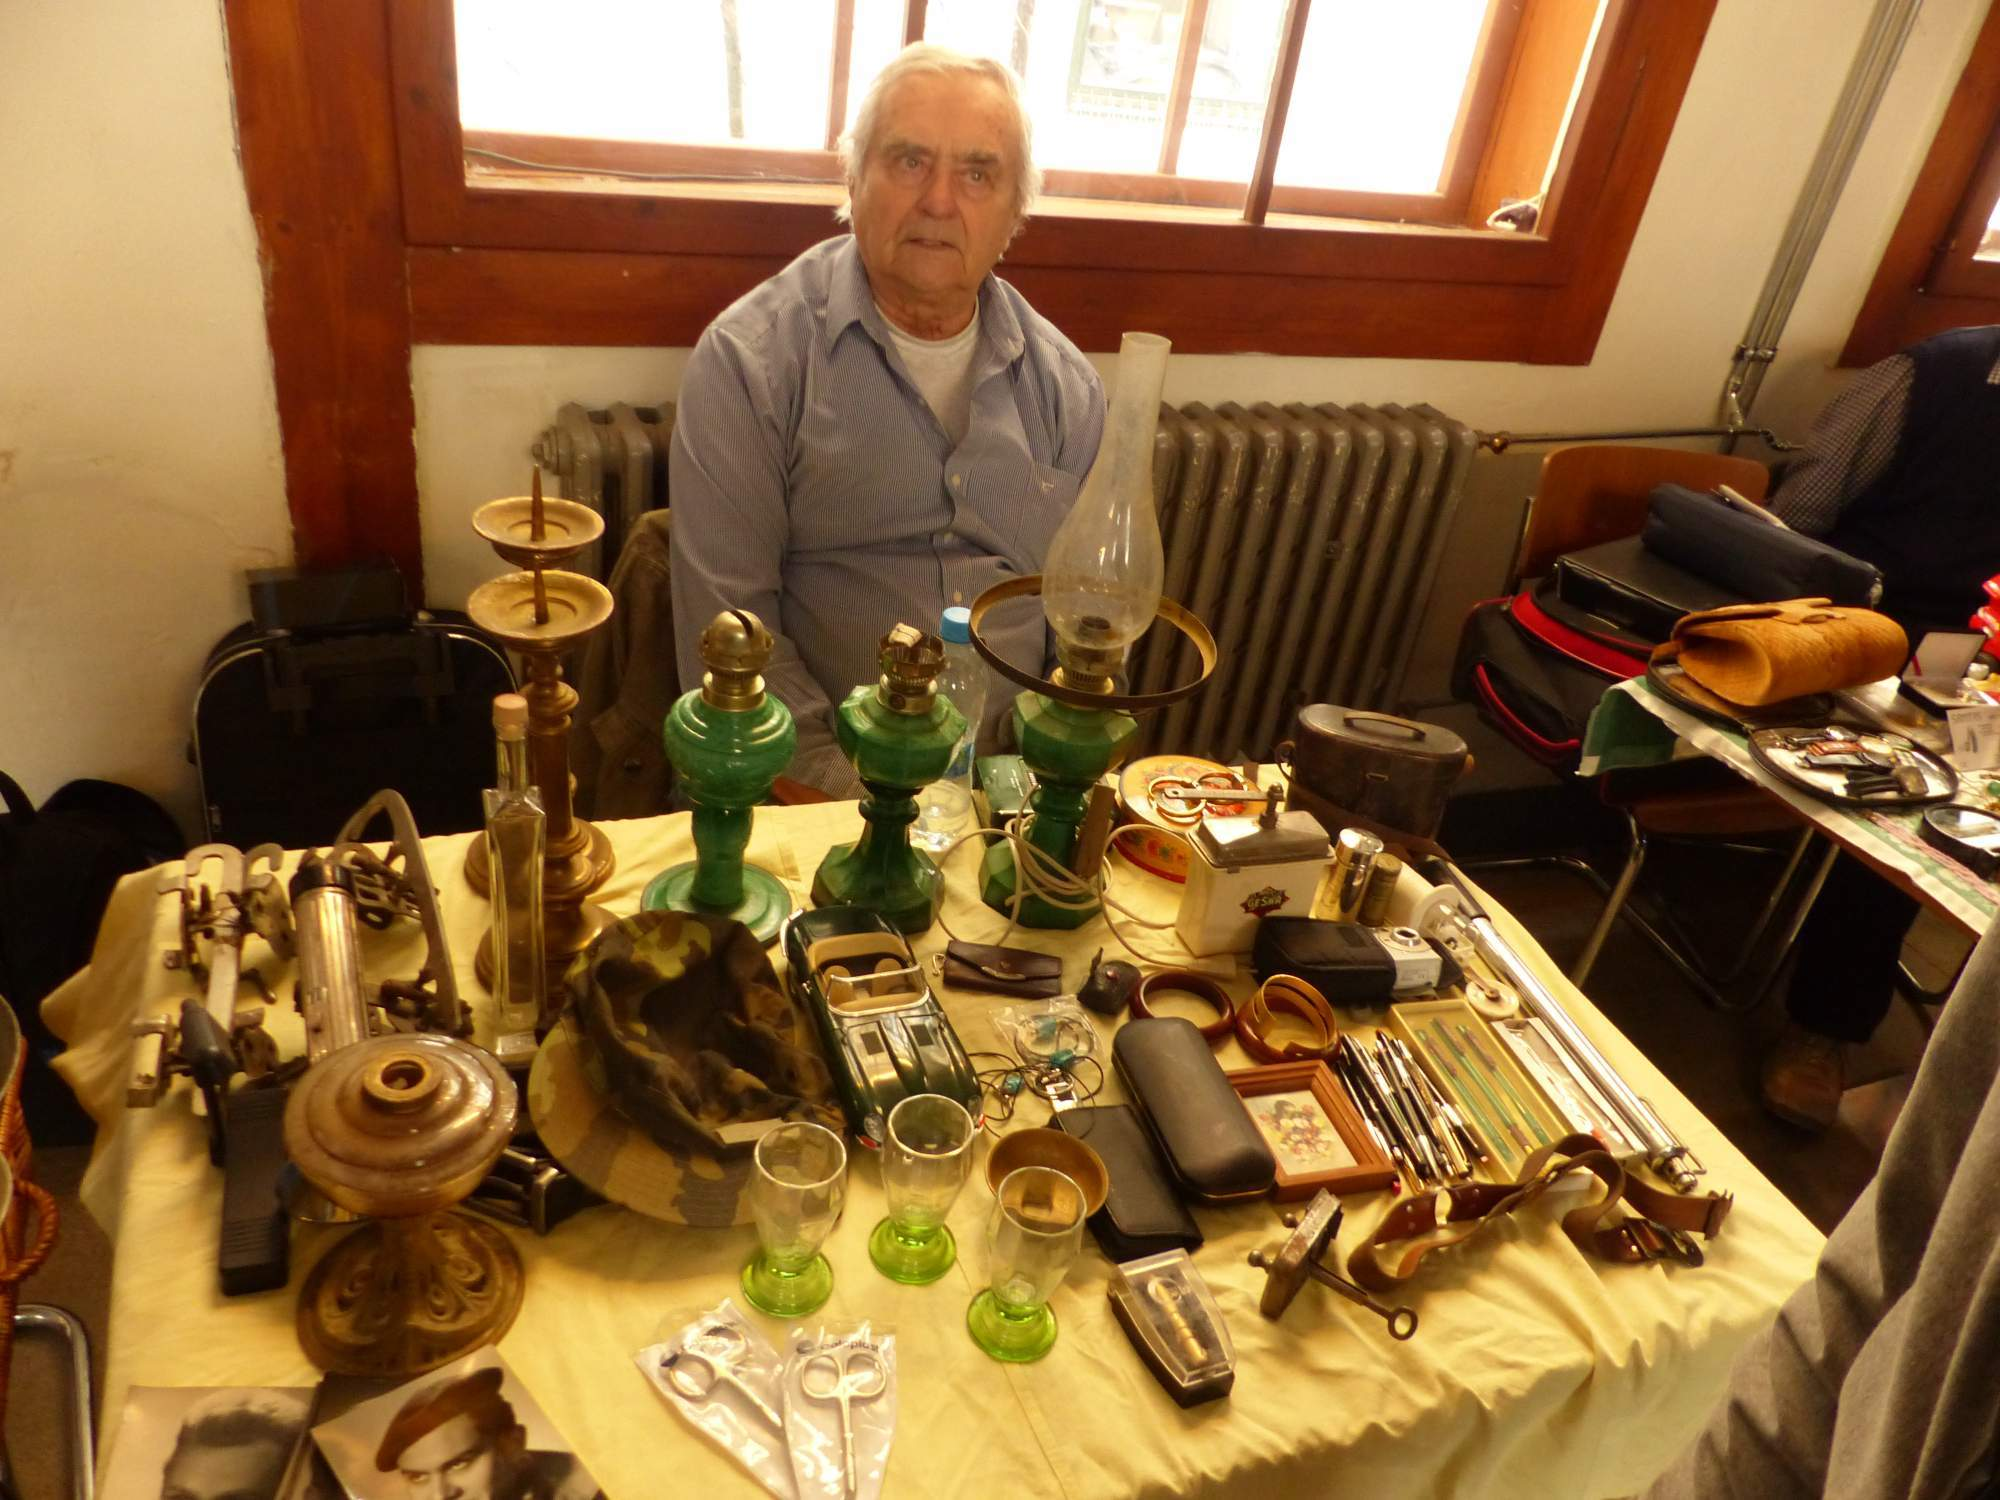 Klasické vetešnictví nabízelo například staré lampy či strojek na holení. Foto Jana Blahošová